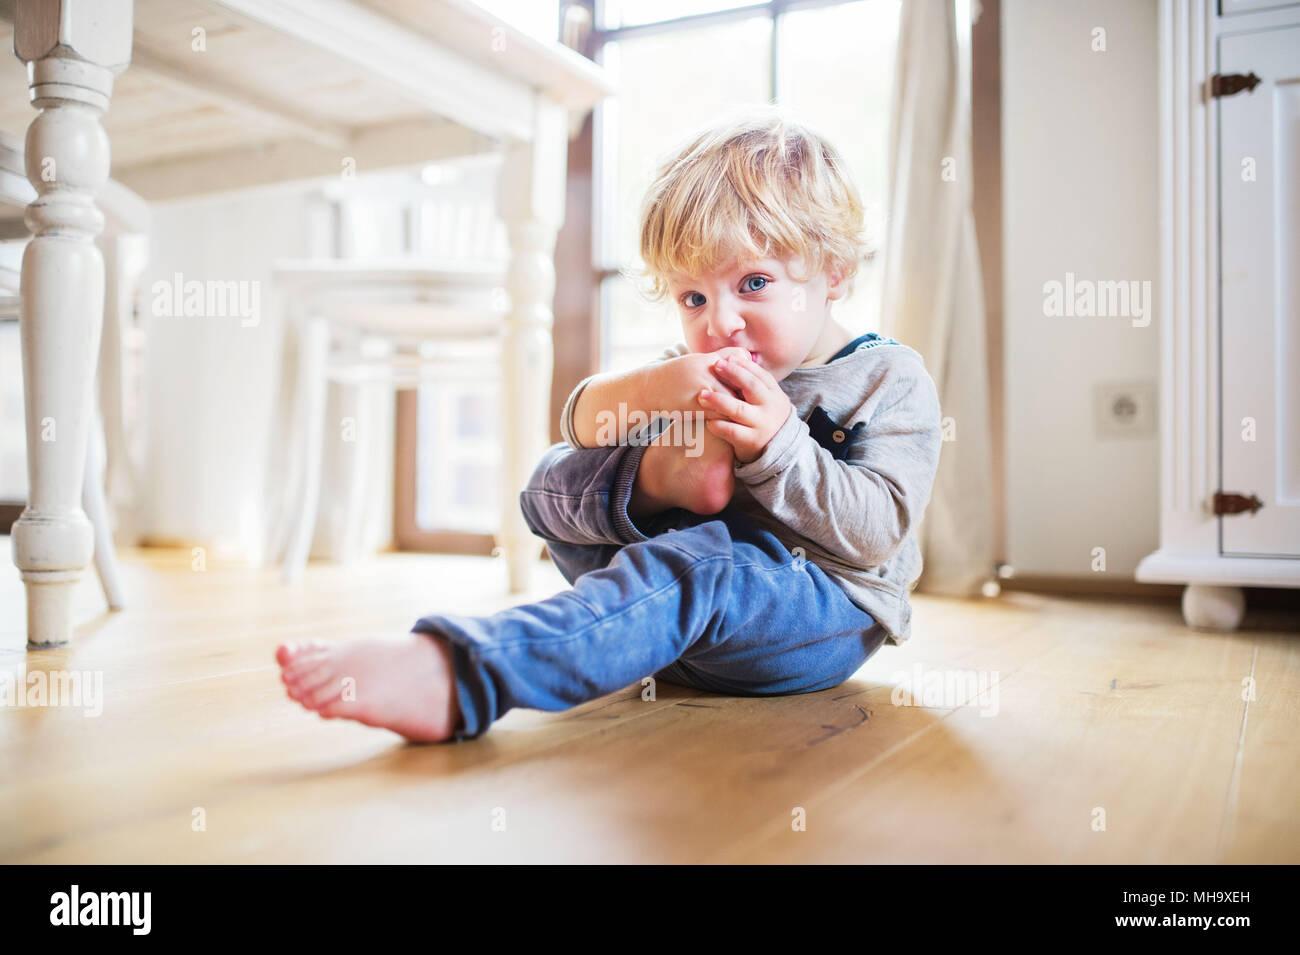 Uma criança menino sentado no chão em casa. Imagens de Stock